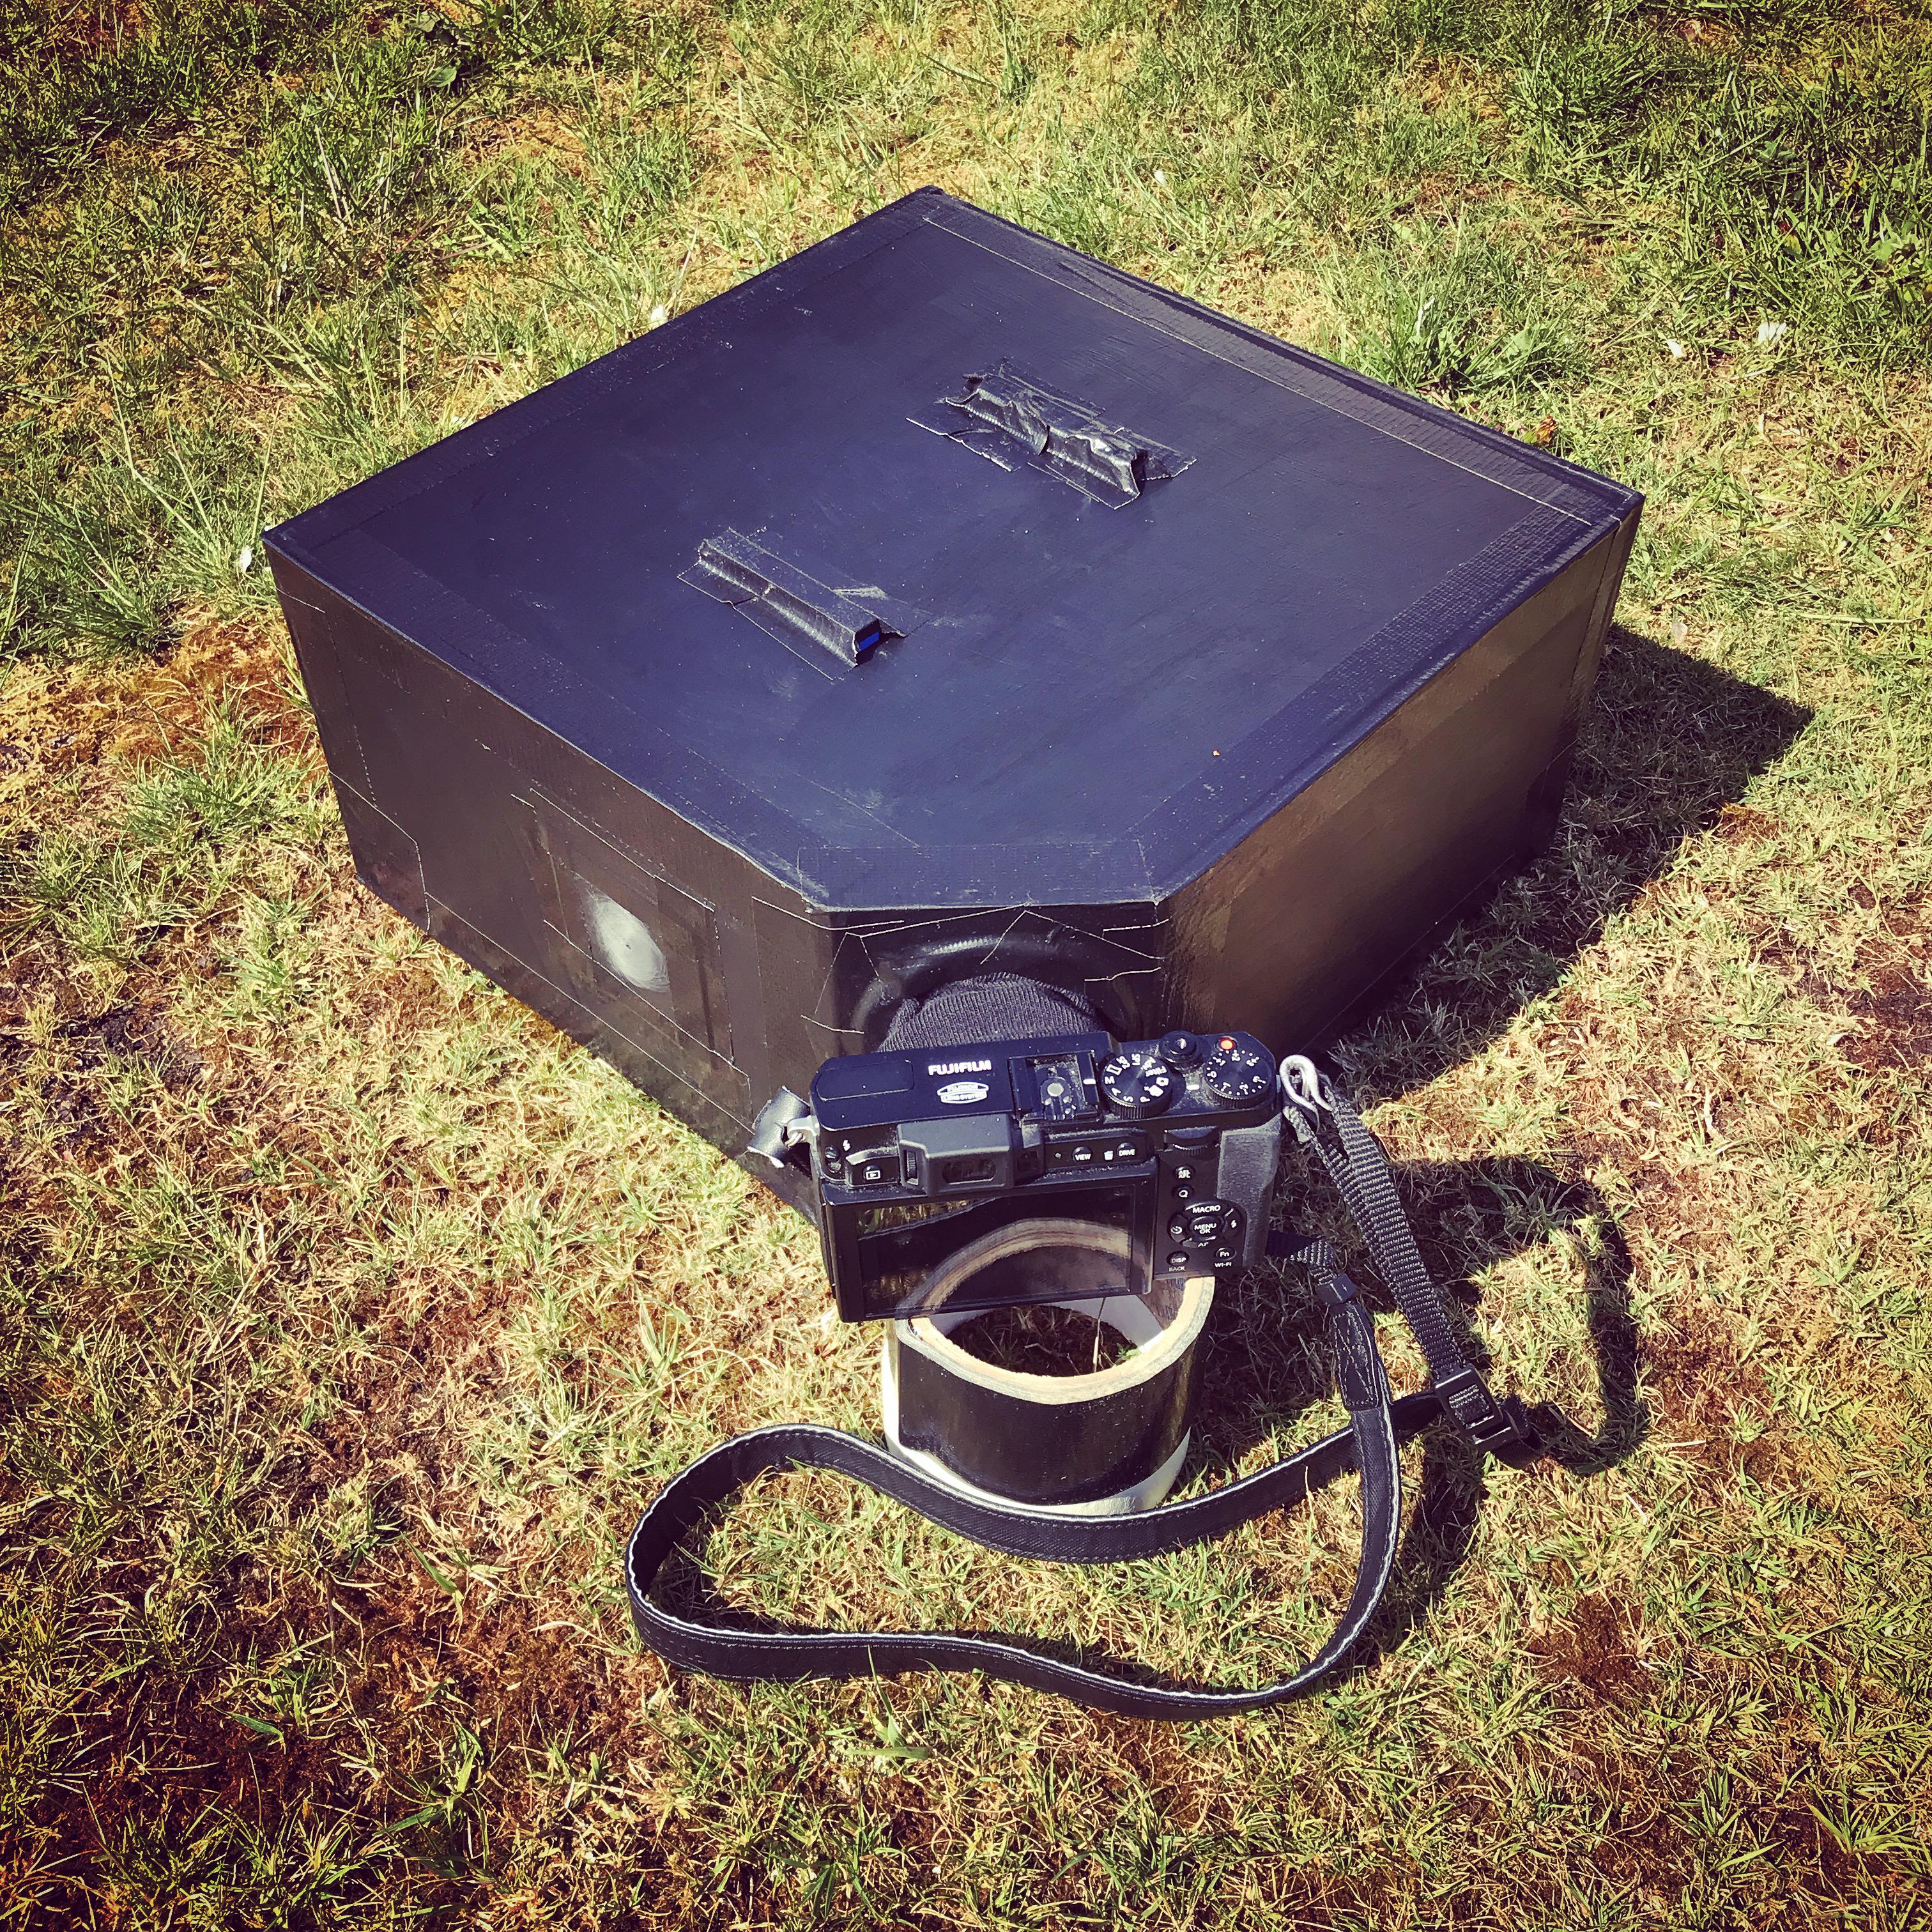 lego lockdown camera in use